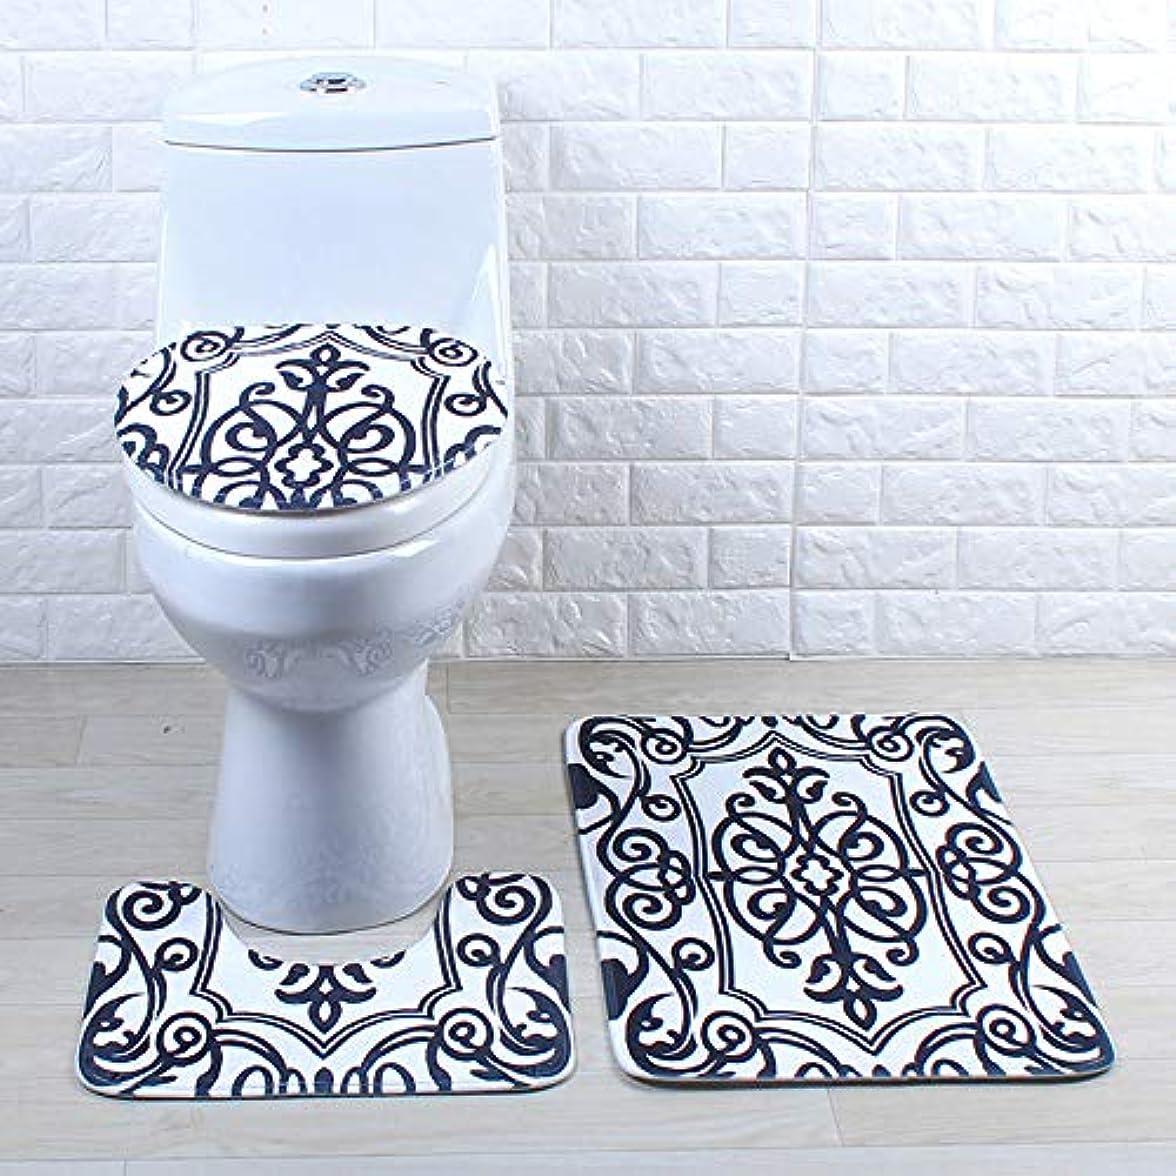 ハードチーフ広告する3ピース/セットオーシャンパターンバスマット浴室滑り止めマットセットフランネル吸収トイレシートカバー敷物バスルームアクセサリー (L)